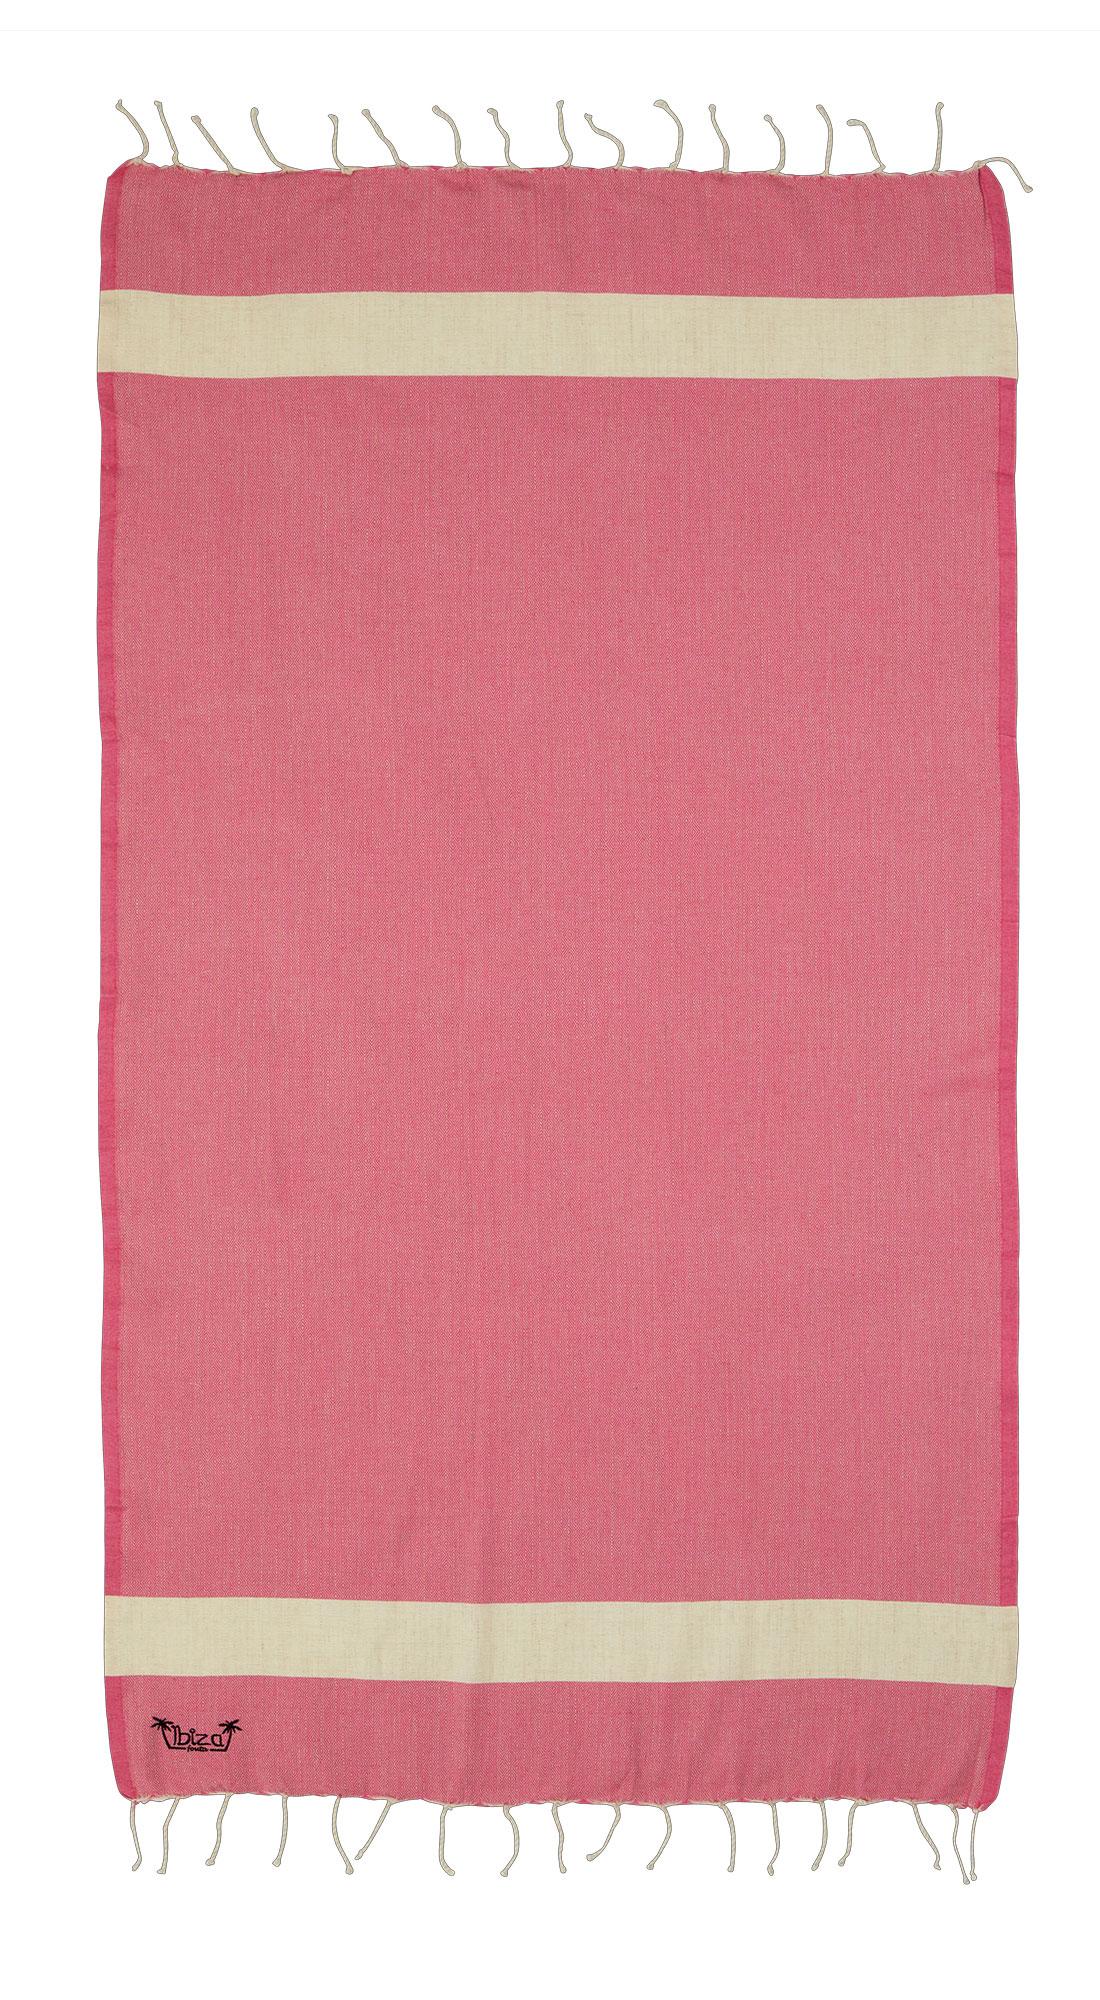 Expo XL Fouta Es Cubellis - XL hamamdoek - roze